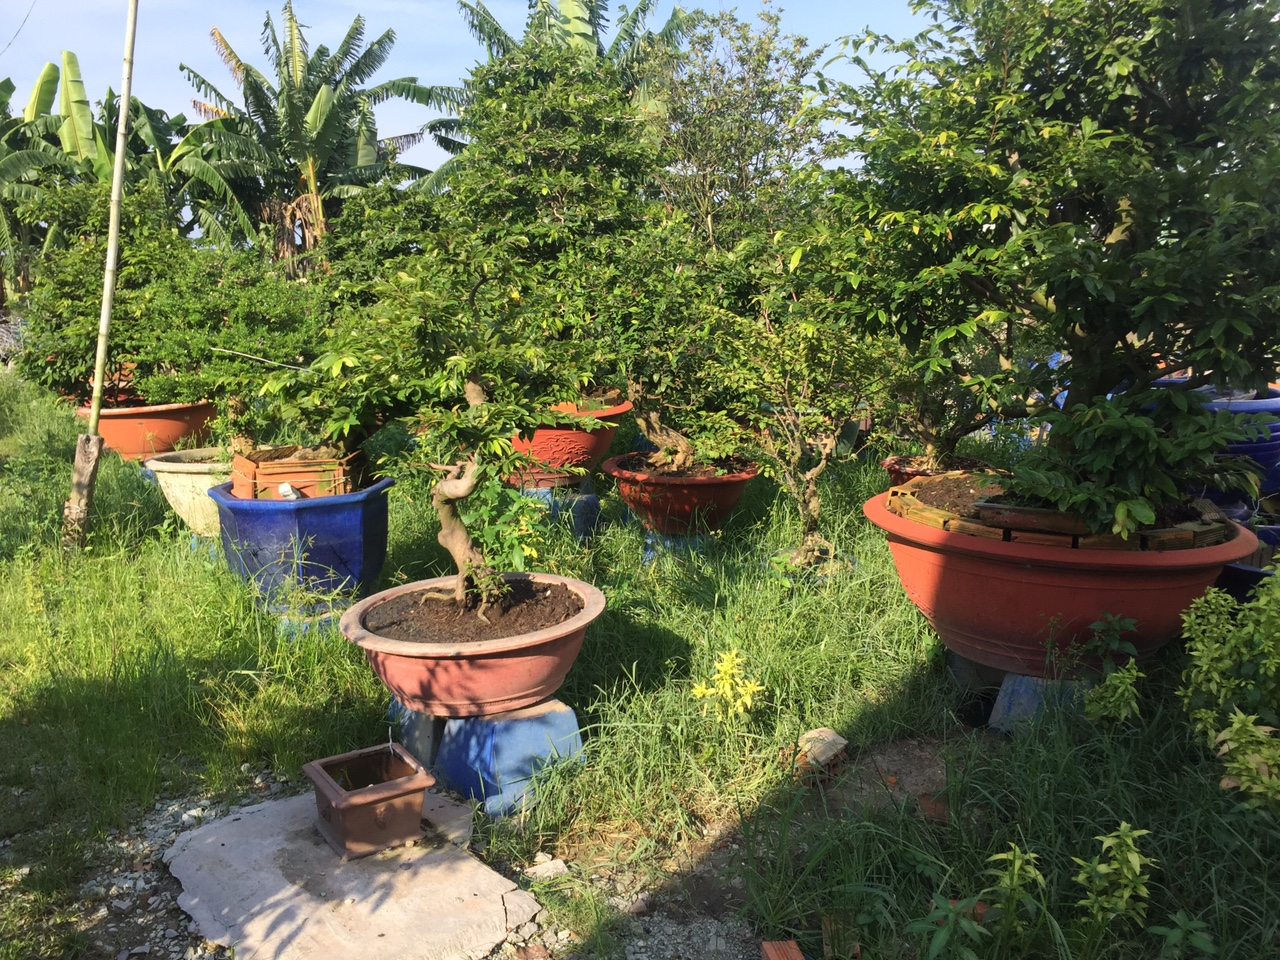 Chăm sóc, cải tạo hệ thống cây xanh